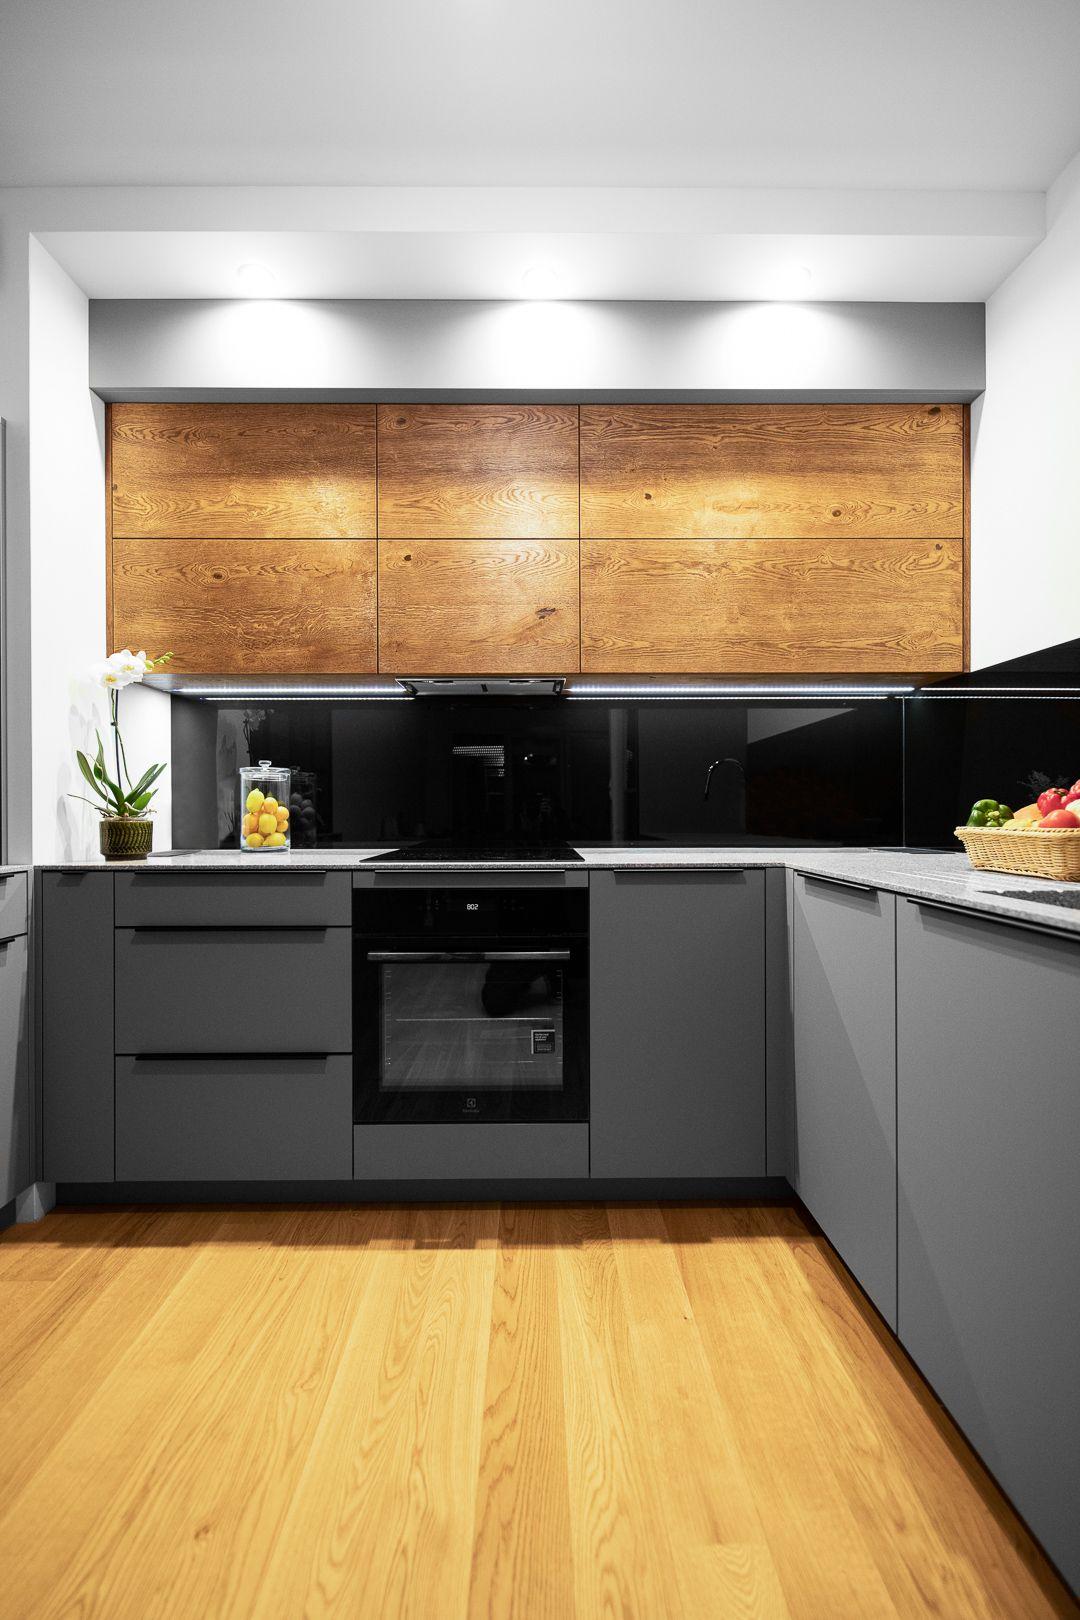 Niewielka Zabudowa Kuchenna Wykonana Z Najwyzszej Jakosci Materialow I Systemow Swiatowej Klas Kitchen Cabinet Design Modern Kitchen Interiors Kitchen Interior